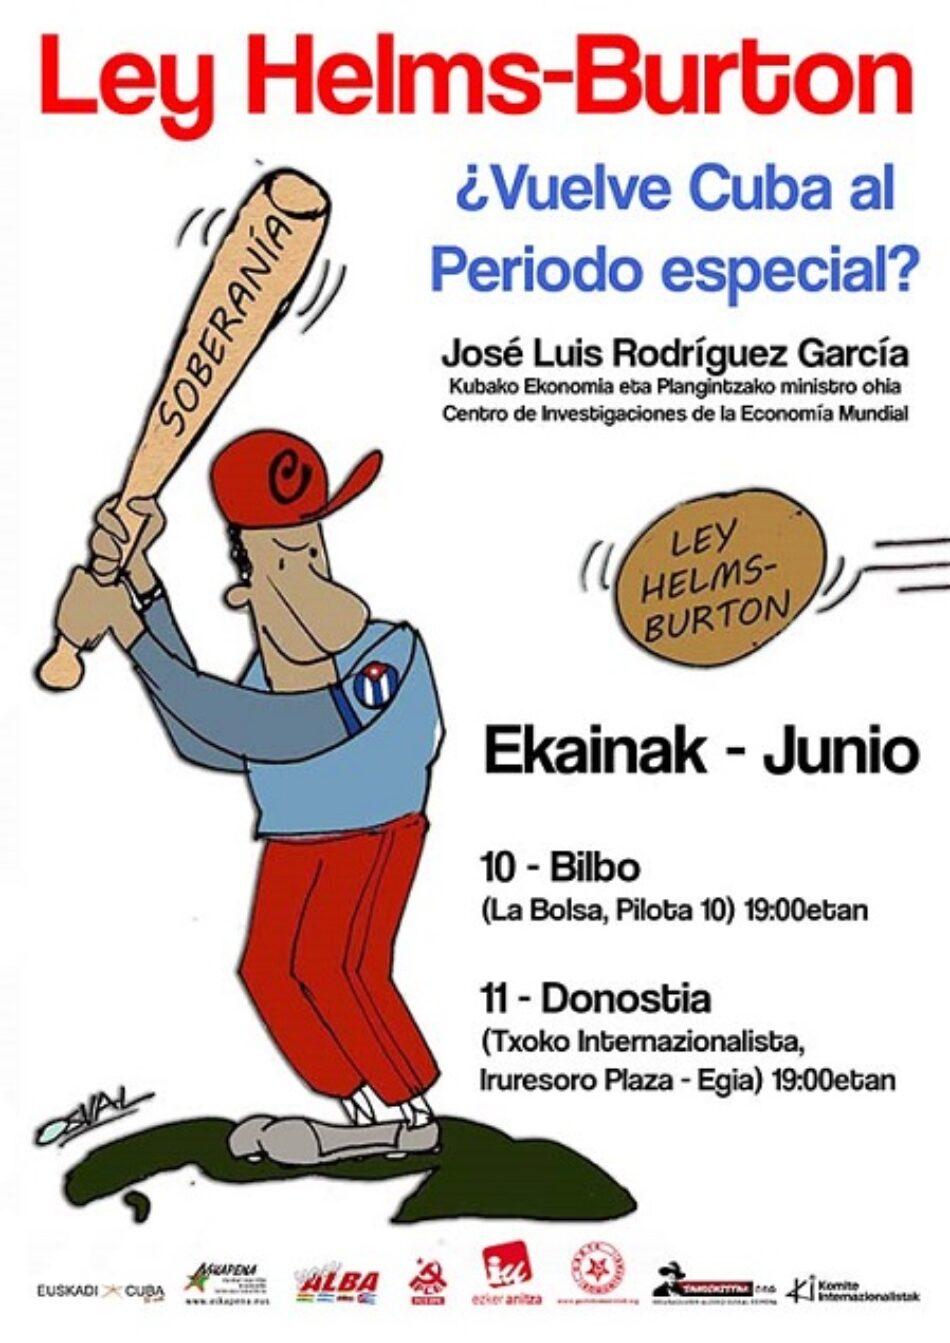 `Ley Helms-Burton: ¿vuelve Cuba al Periodo especial?´: 10 y 11 de junio, Bilbao y Donostia